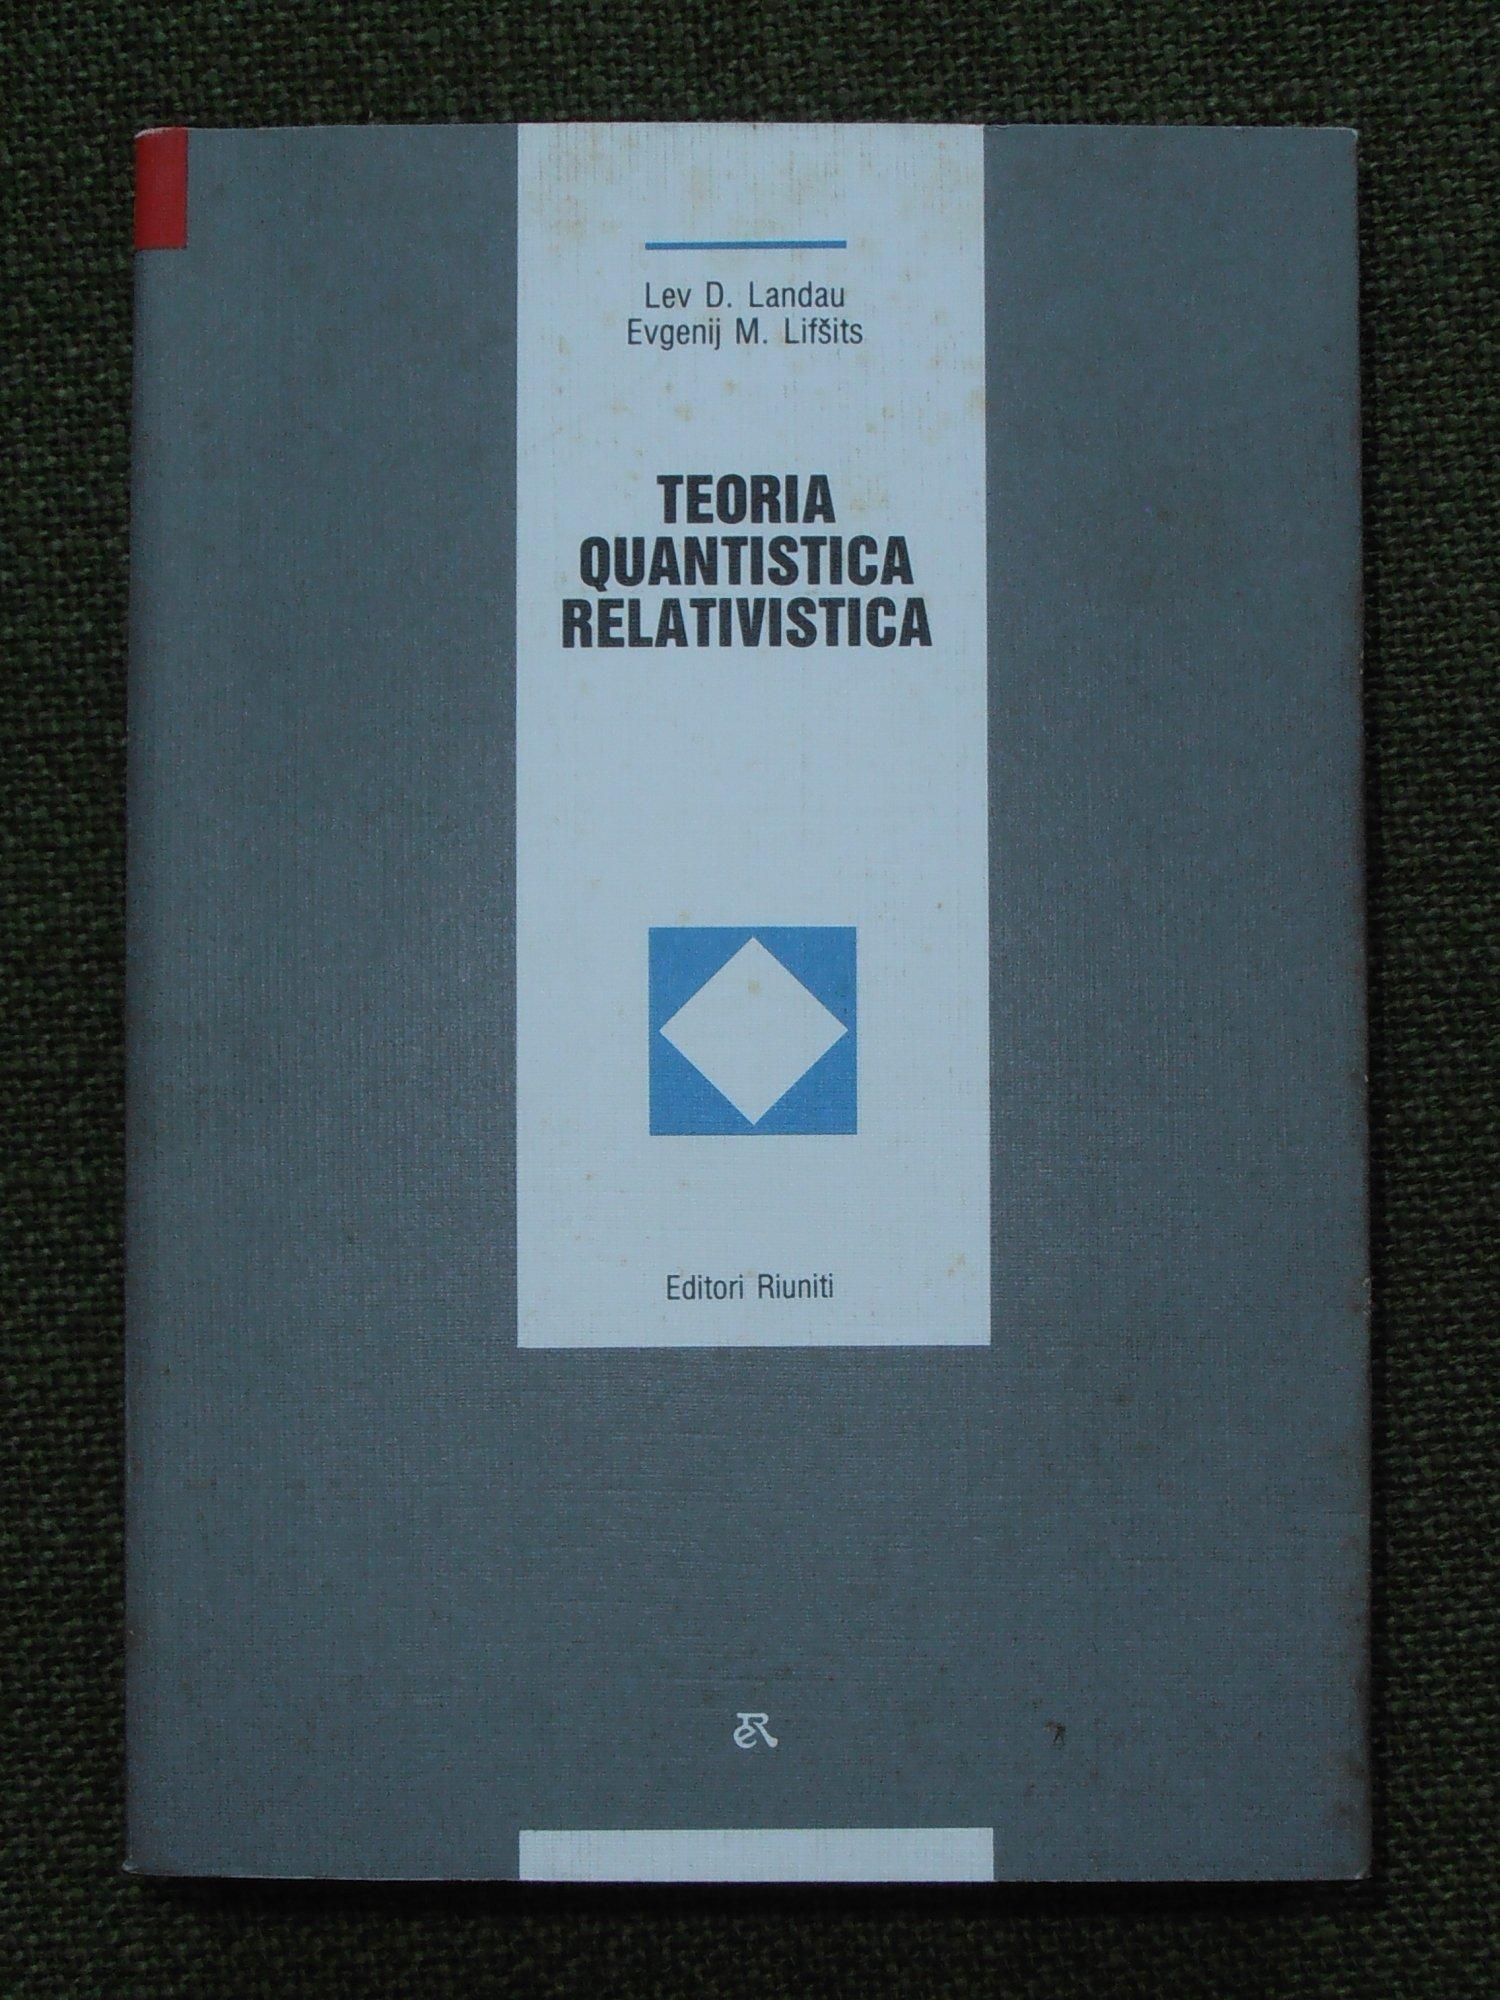 Teoria Quantistica relativistica (Fisica teorica 4)